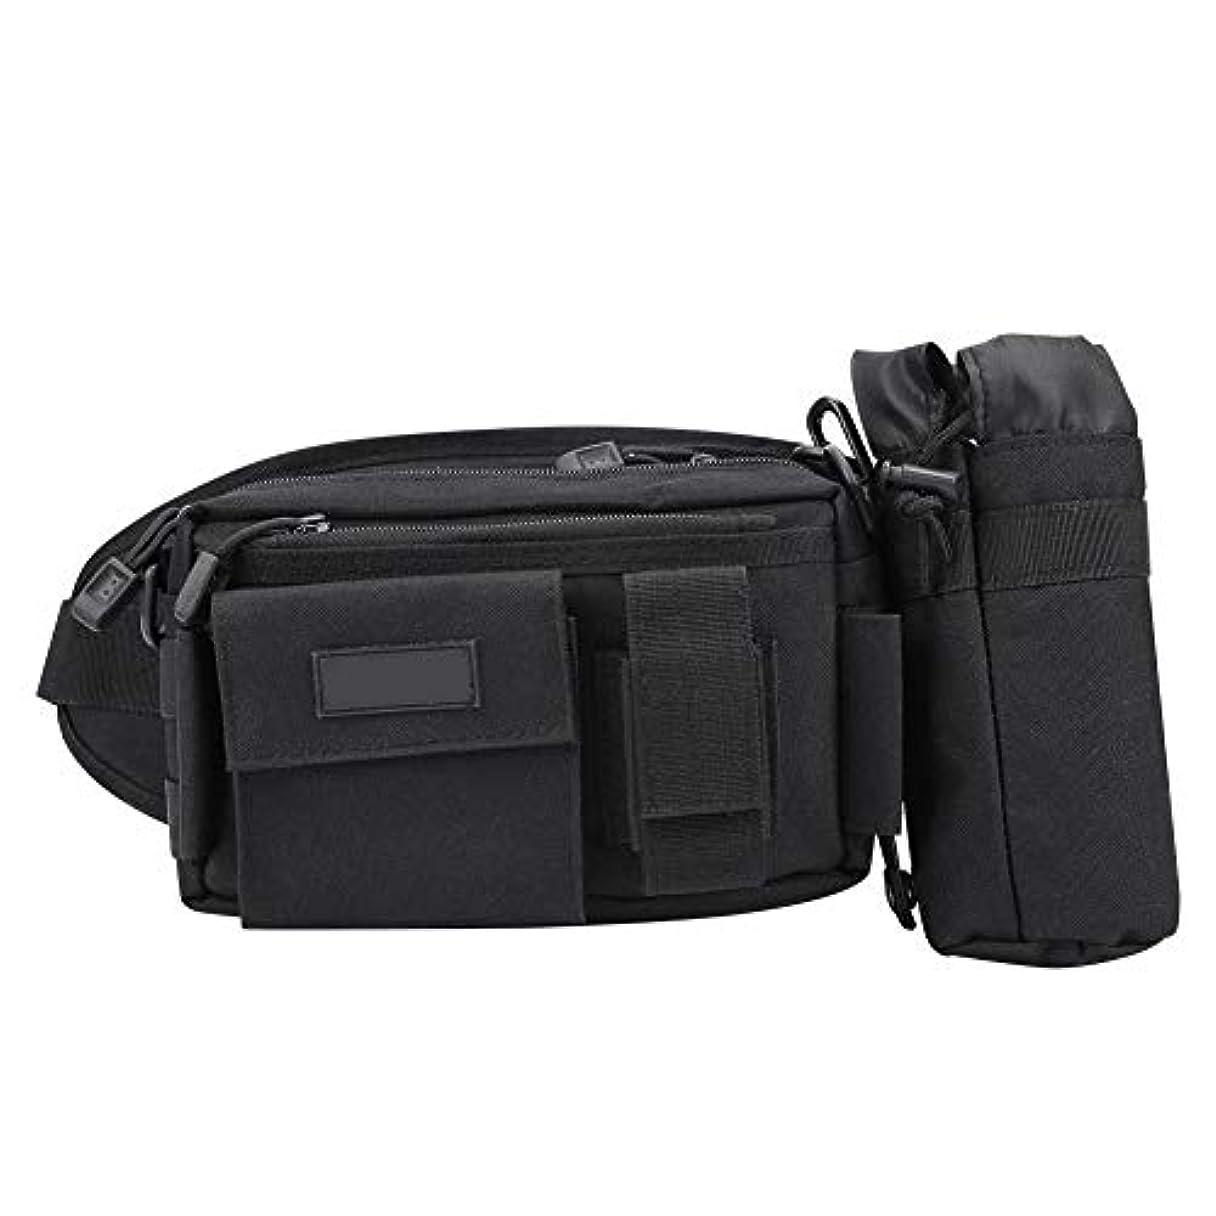 嬉しいですテロ征服釣りバッグ フィッシングタックルバッグ ウエストバッグ 大容量 複数のポケット ショルダーストラップ 調節可能 多機能 ブラック